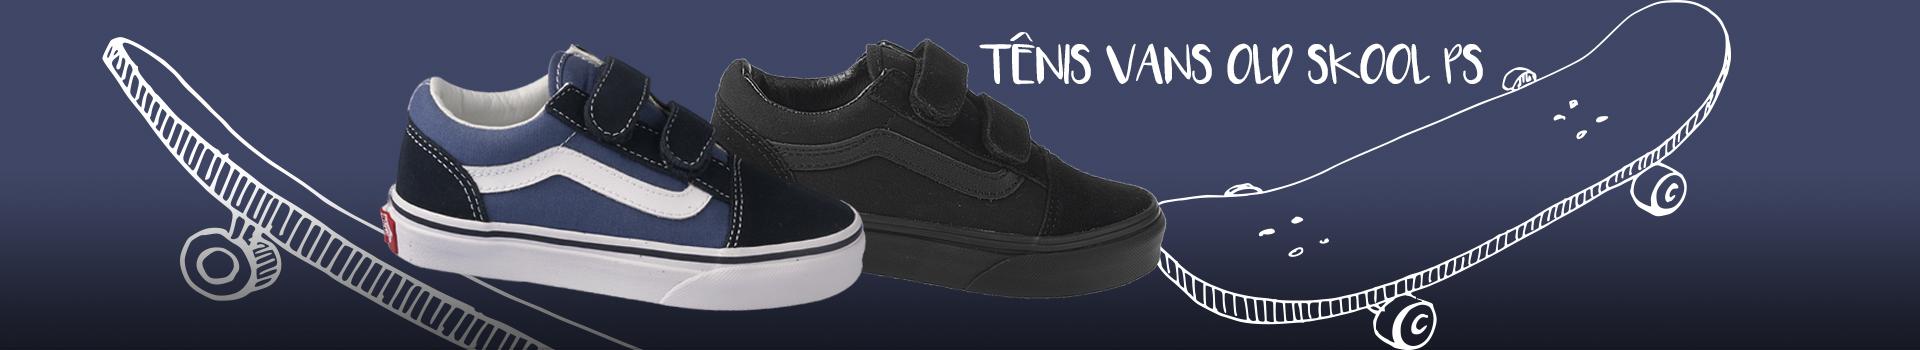 tvdesk_p4-19_10_18-Vans_Old_Skool